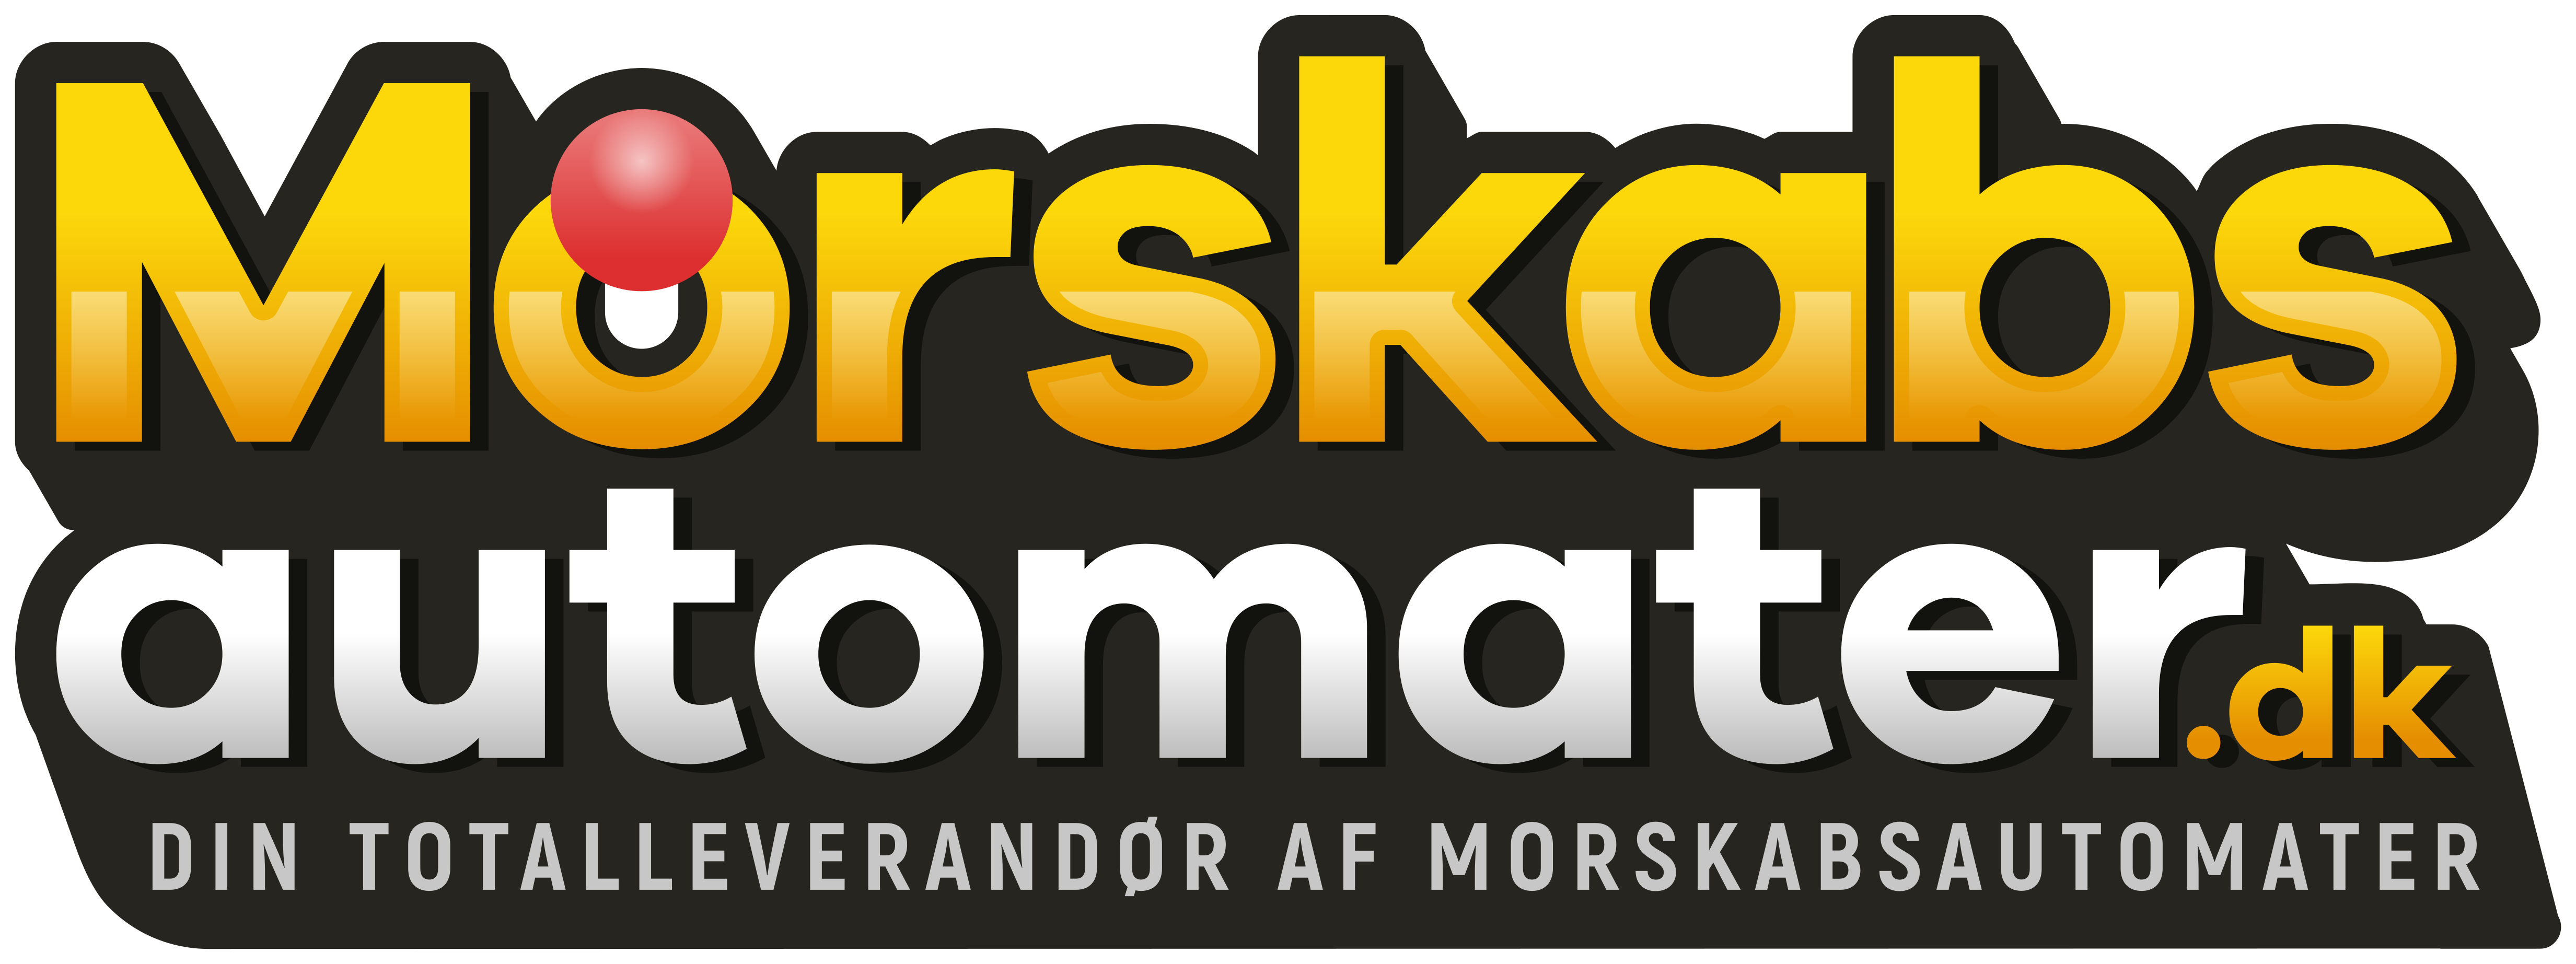 Morskabsautomater.dk logo